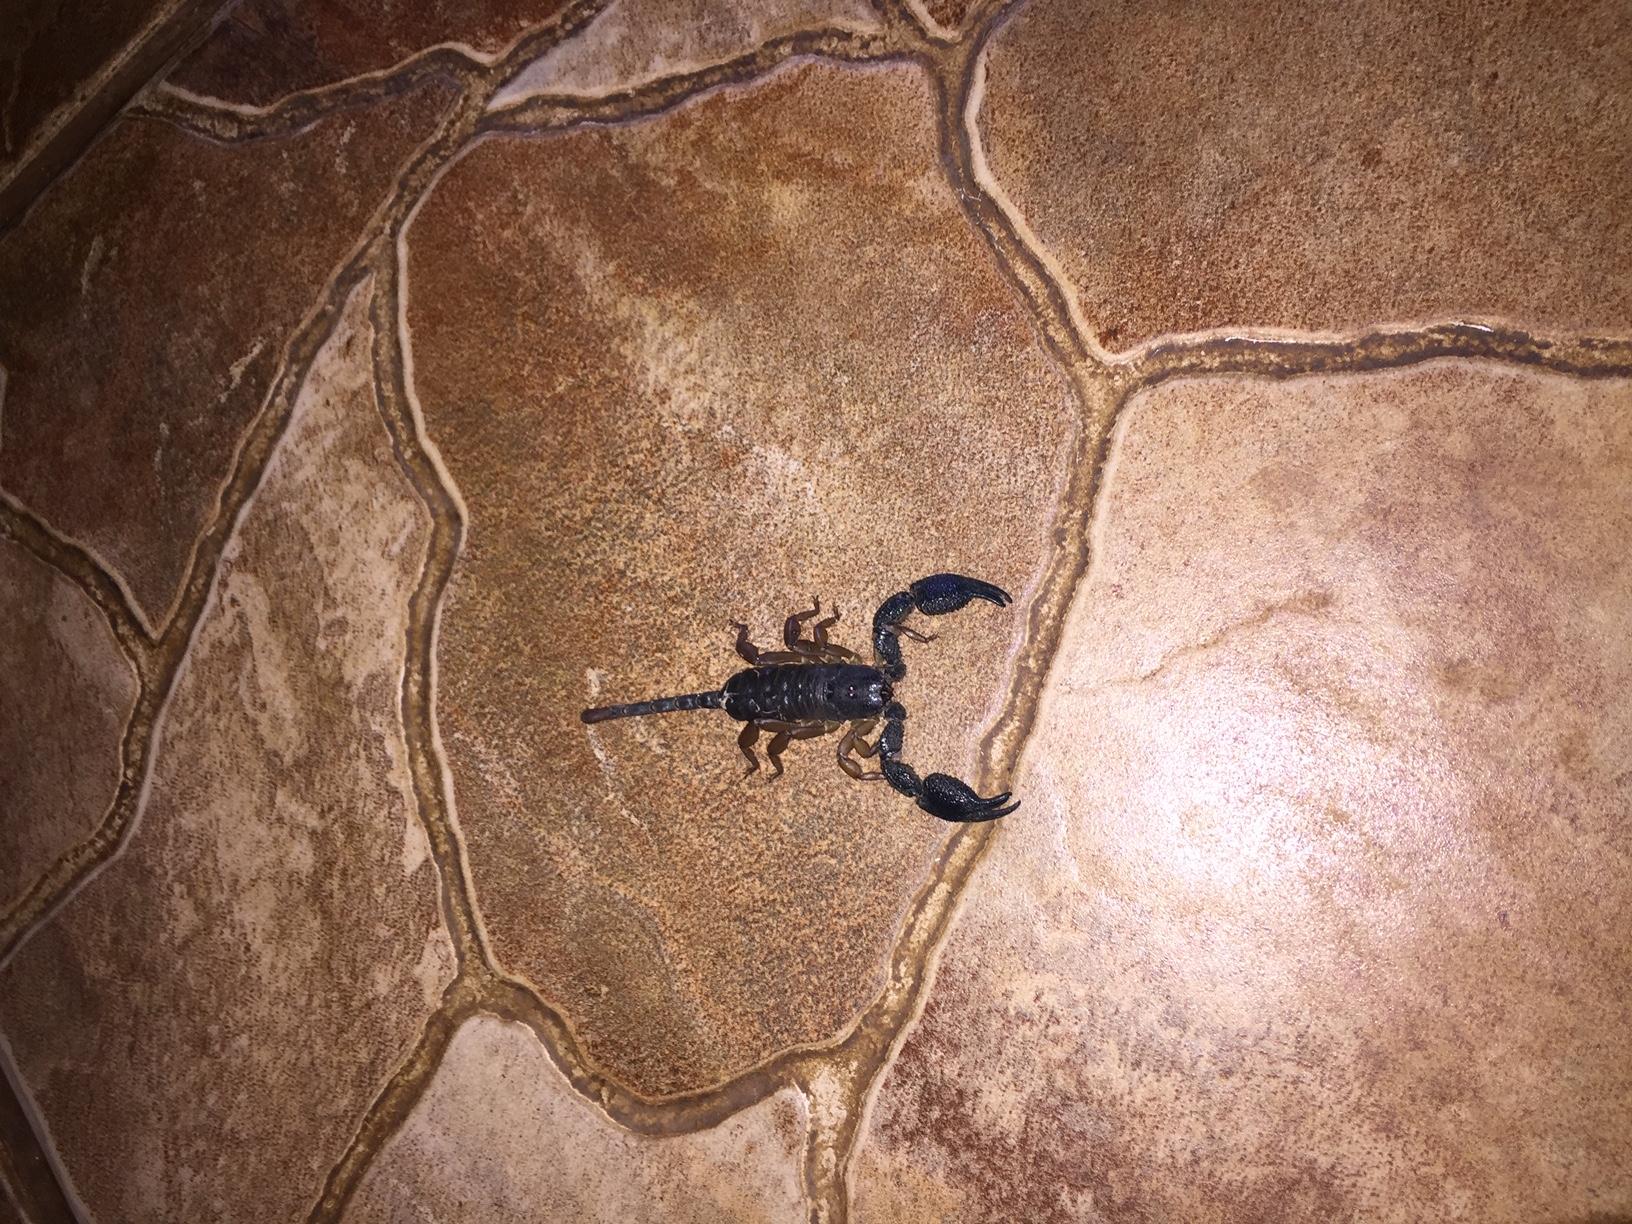 Skorpion i restaurant - Boulders lodge - 21. februar 2019